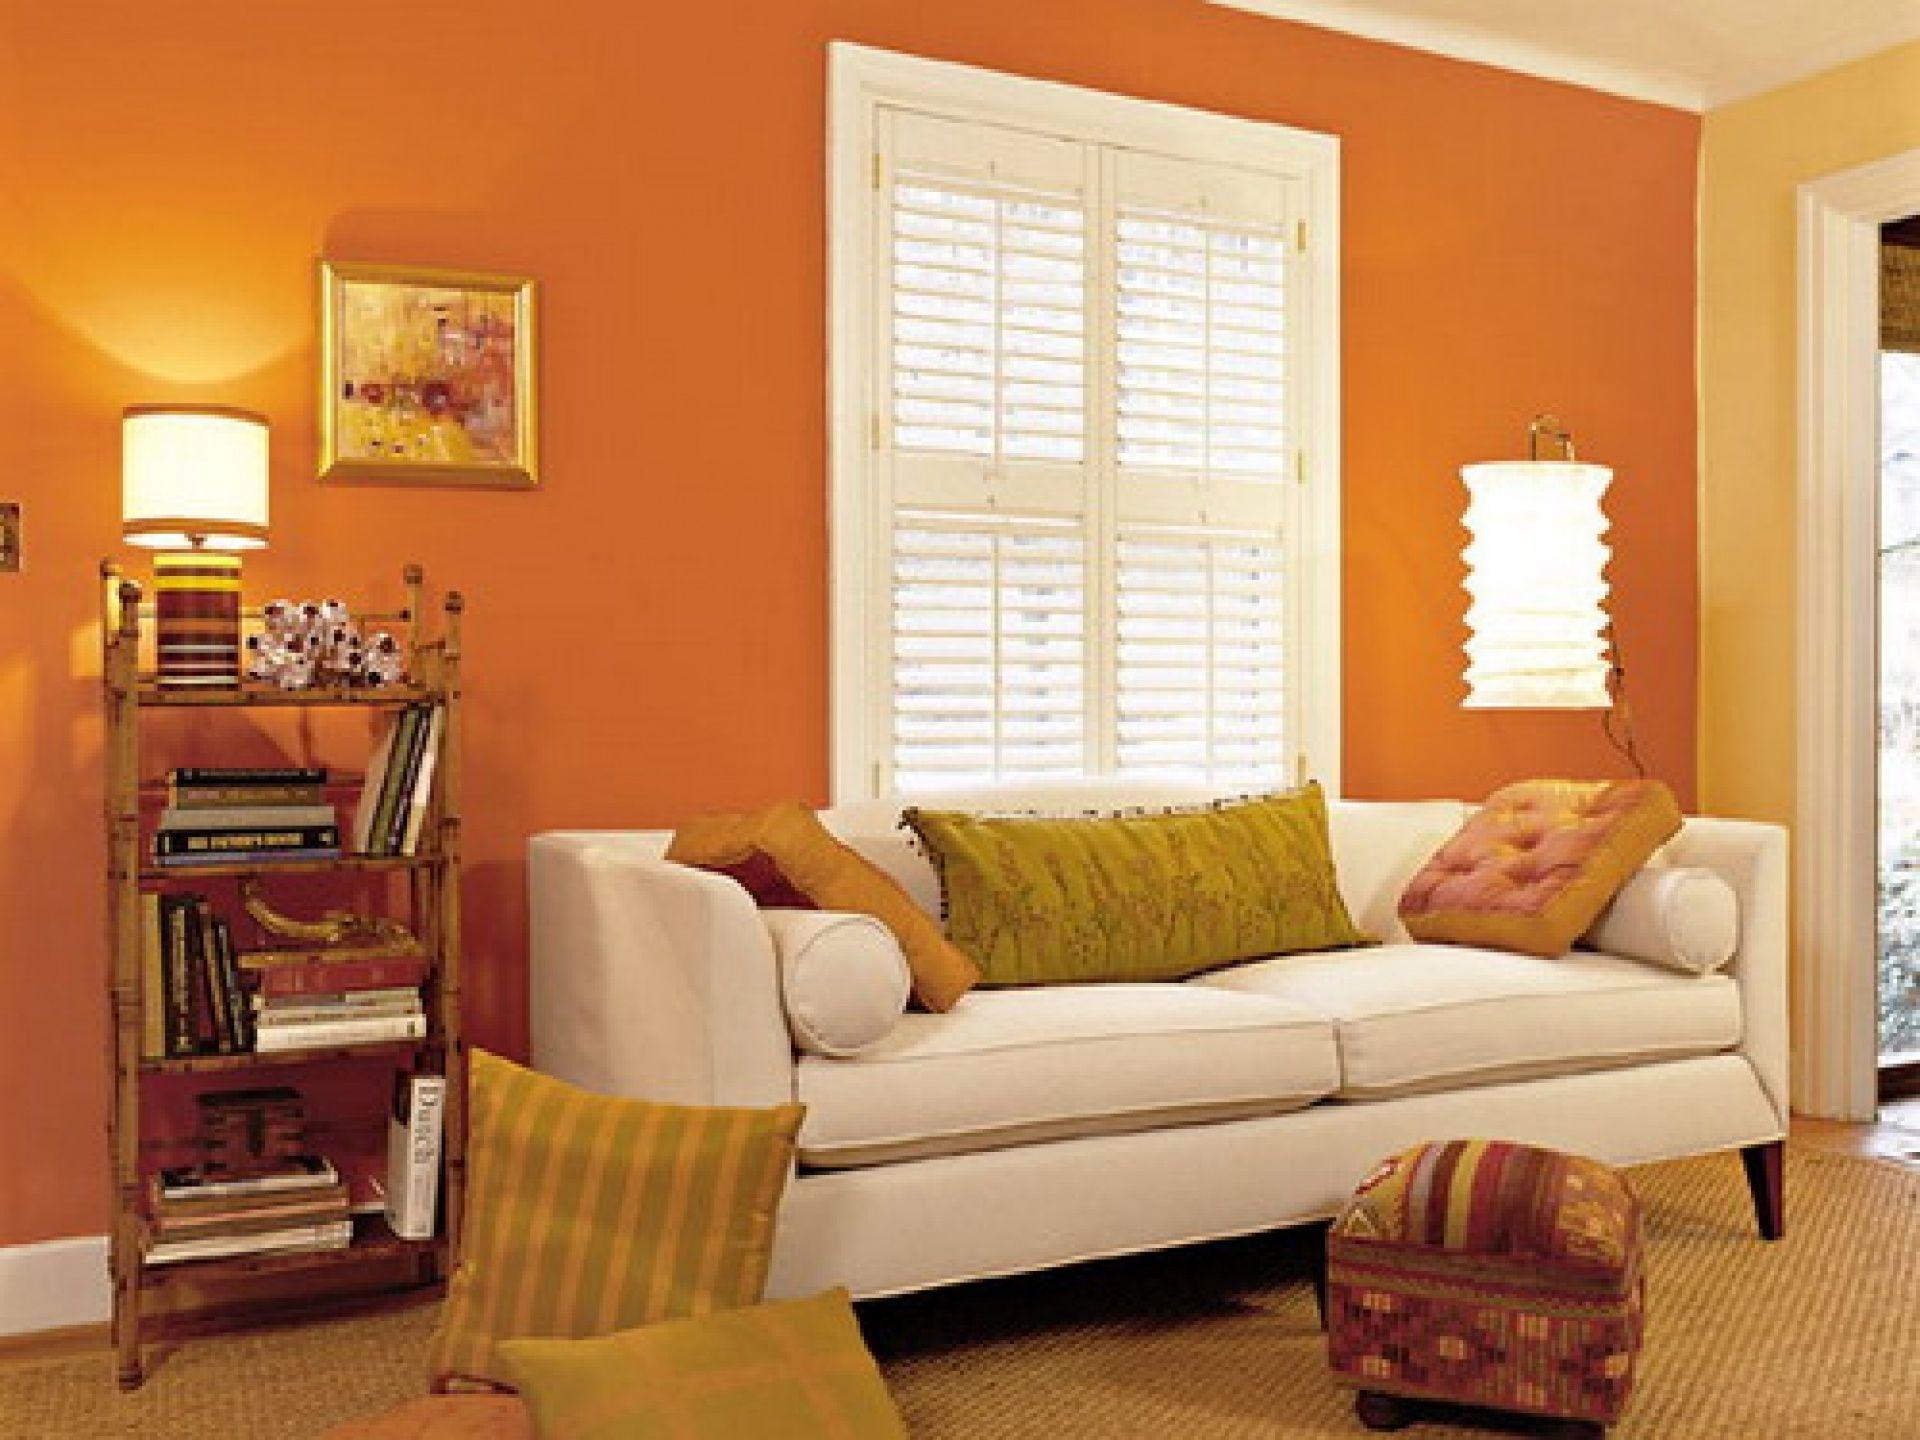 Schlafzimmer Farbe In Orange Mit Bildern Wohnzimmer Orange